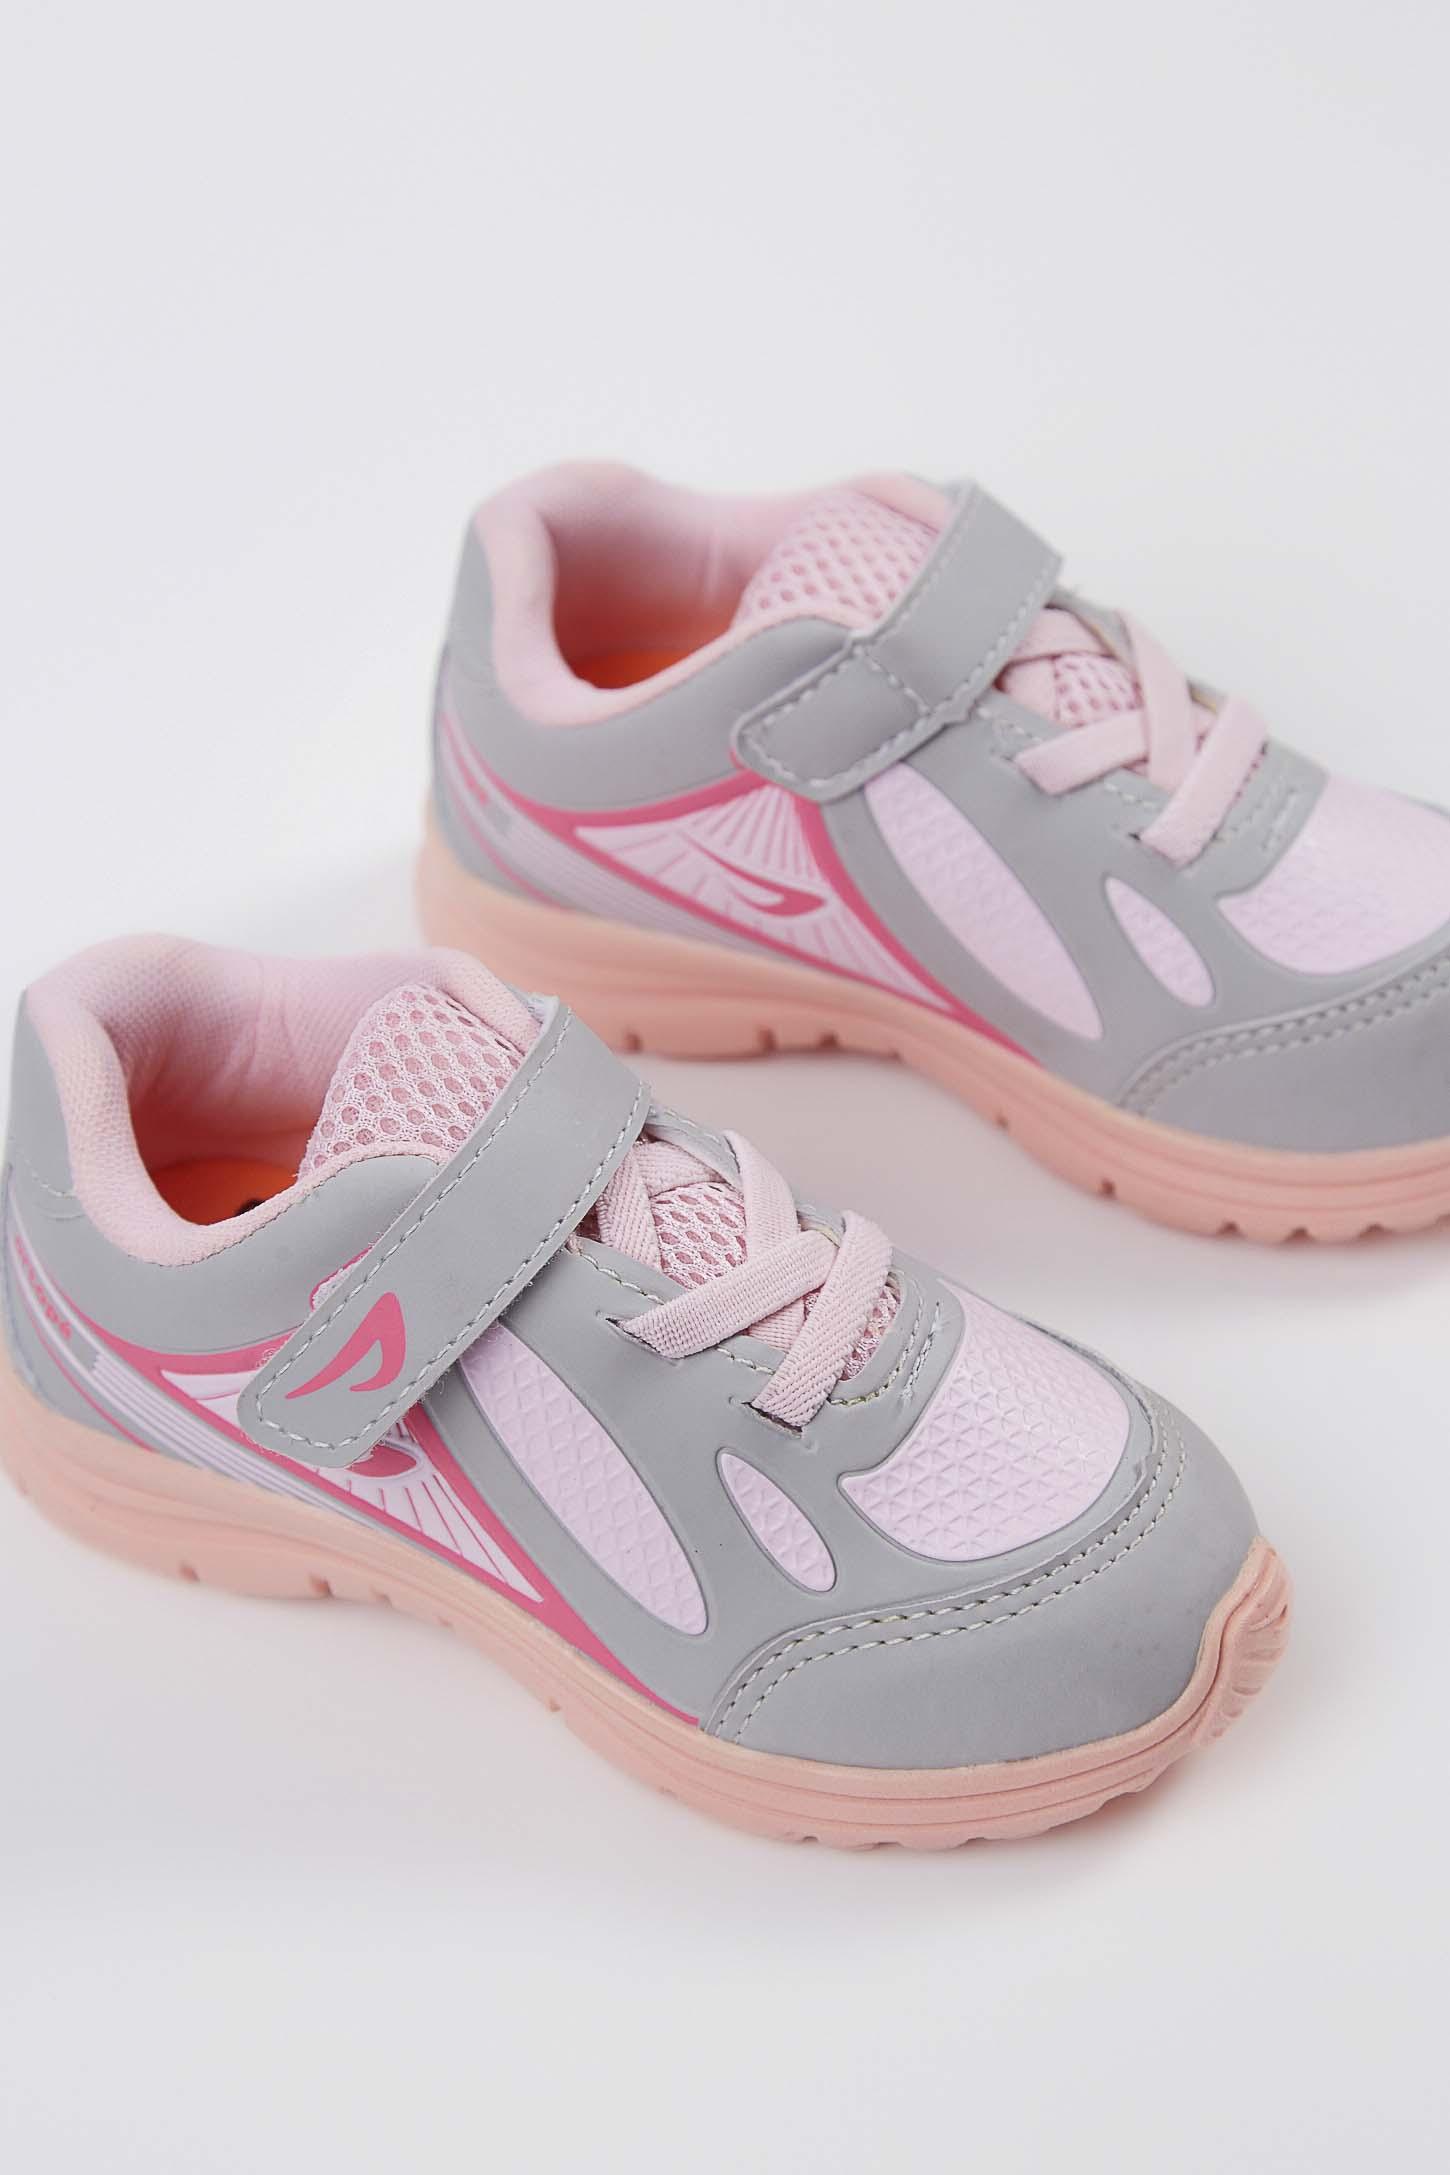 Tenis-Casual-Ortope-Pink-